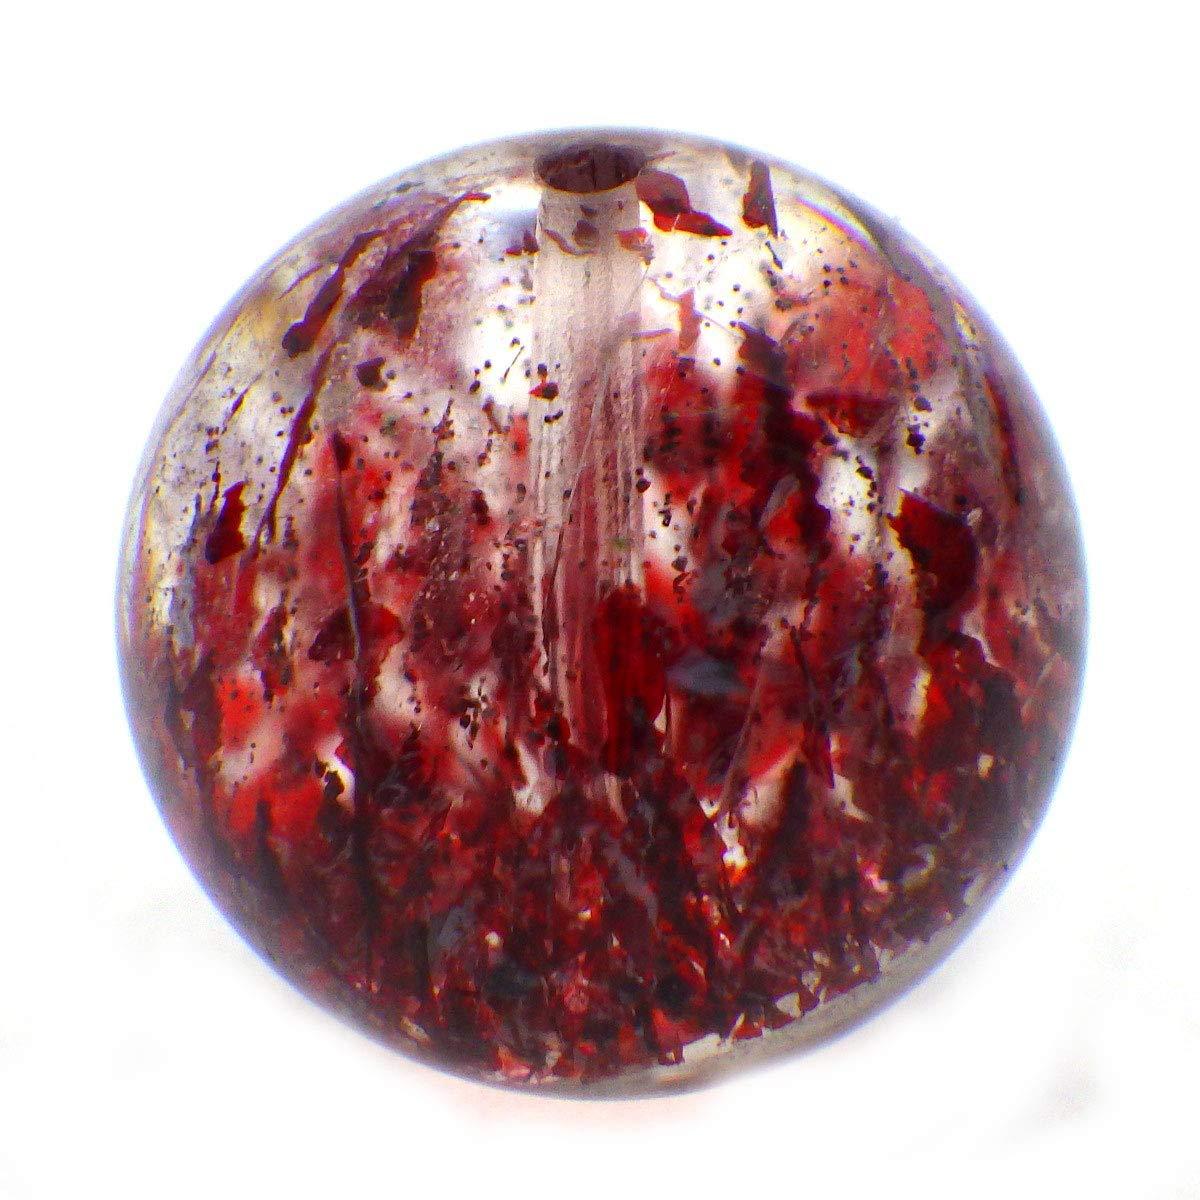 パワーストーン スーパーセブン バラ売り 14mm 天然石 ビーズ パーツ 1粒売り(014)   B07SX1FLP1